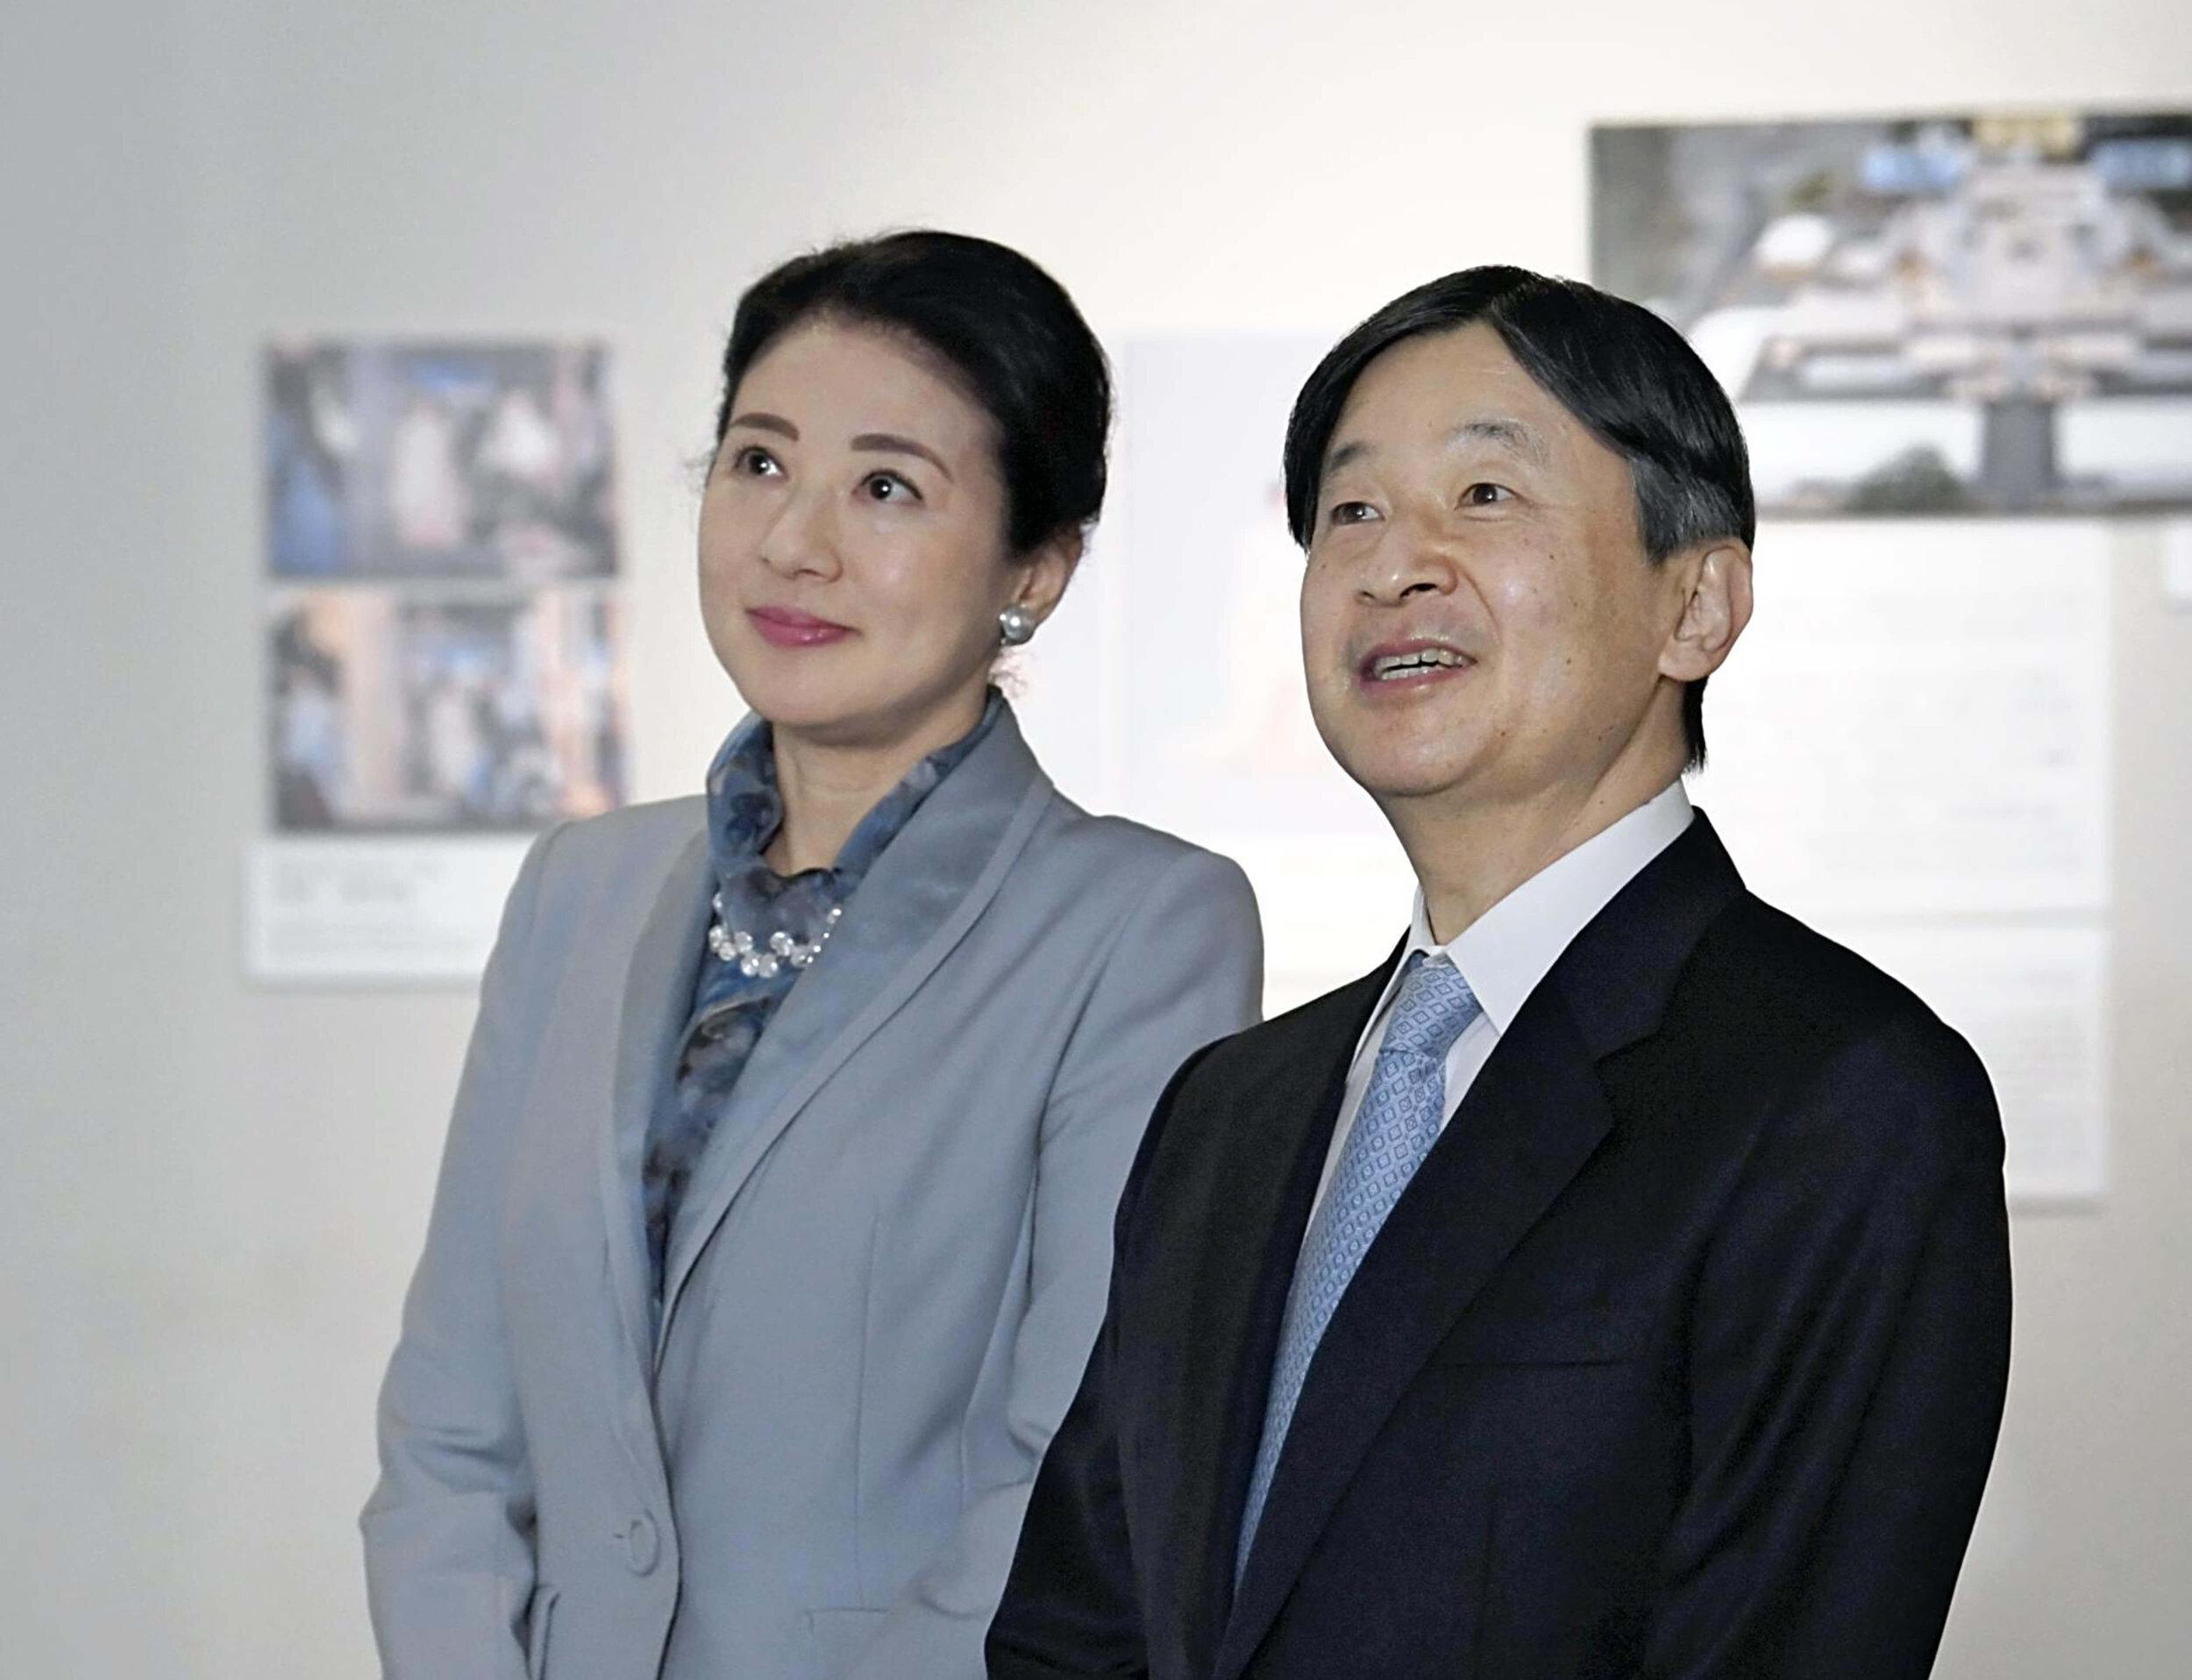 Kaiser Naruhito sorgt dafür, dass sich seine Frau Kaiserin Masako nicht übernimmt. Die Japanerin leidet an Depressionen.  © picture alliance/AP Images